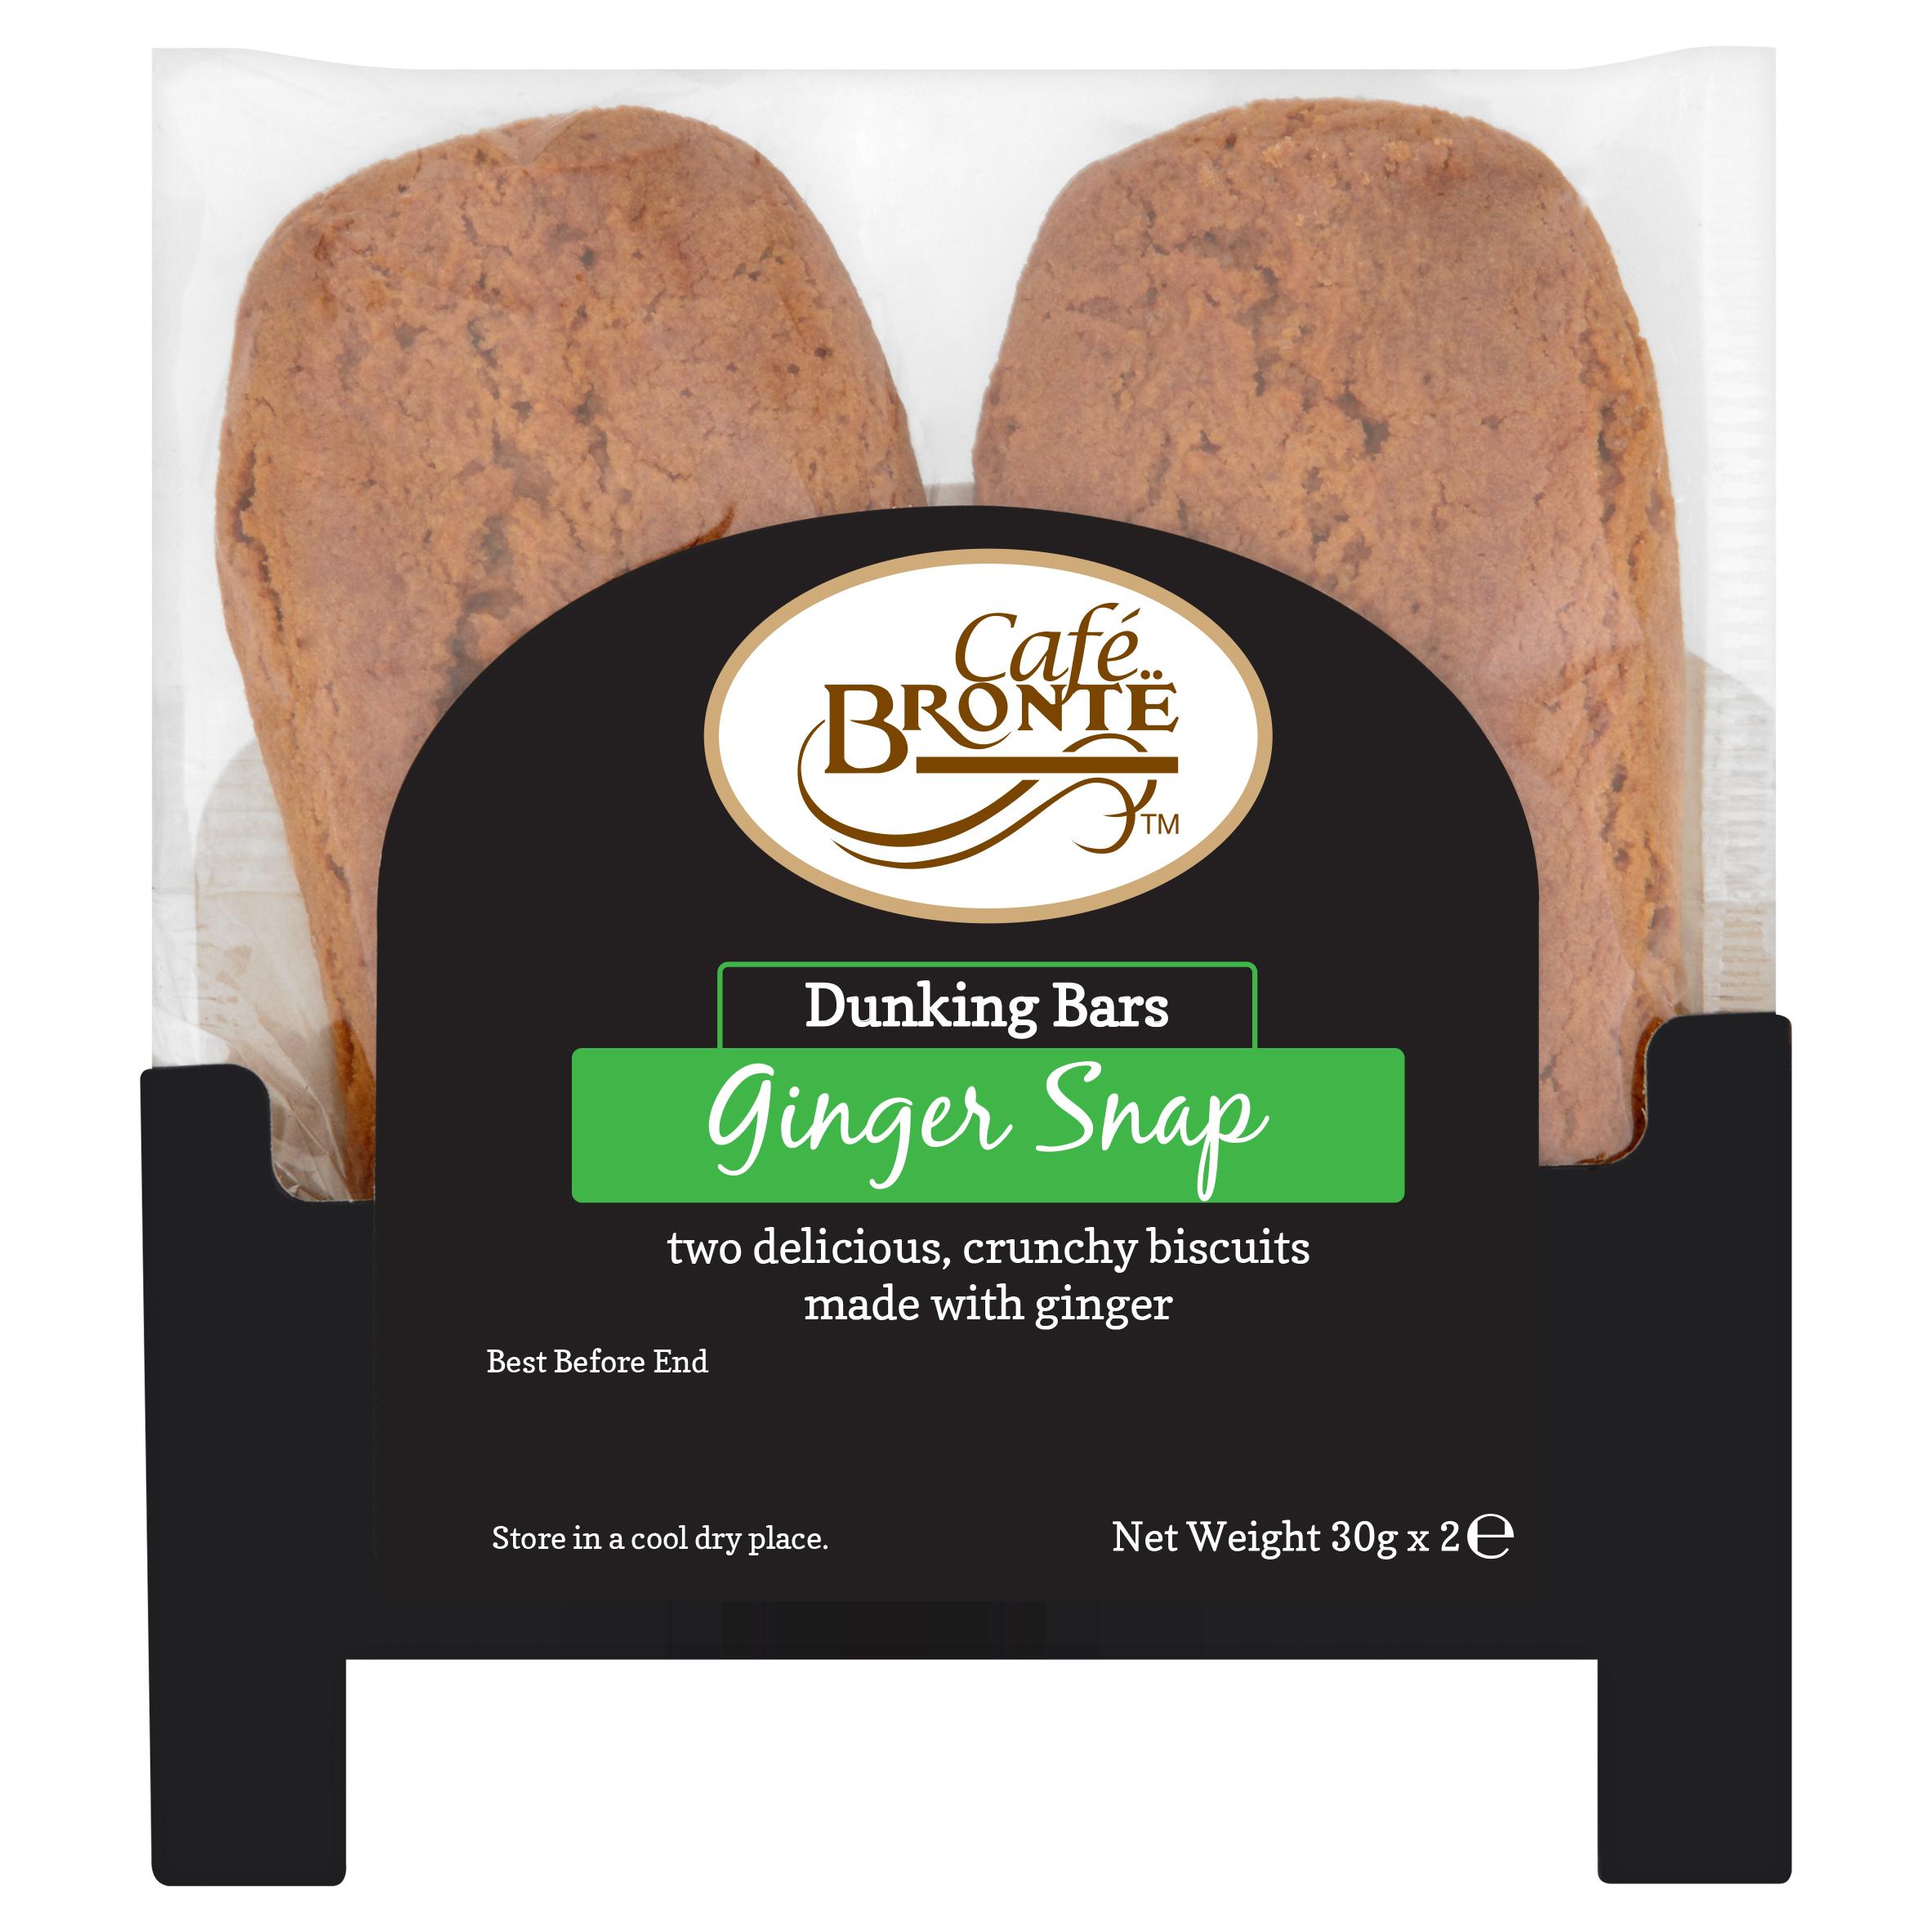 Ginger Snap Dunking Bars